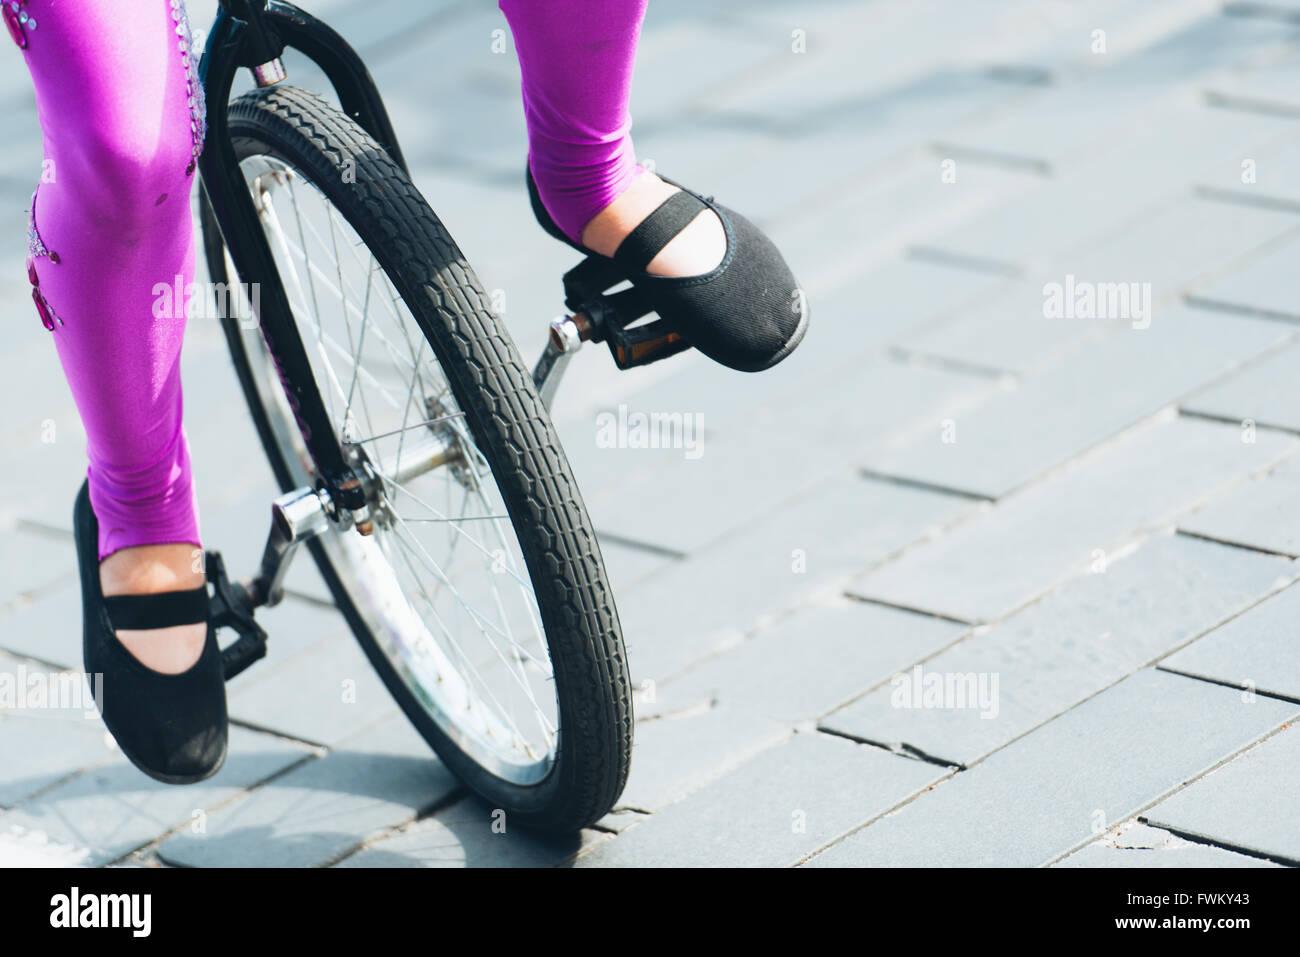 Geringer Teil der Frau mit Fahrrad auf der Straße Stockbild